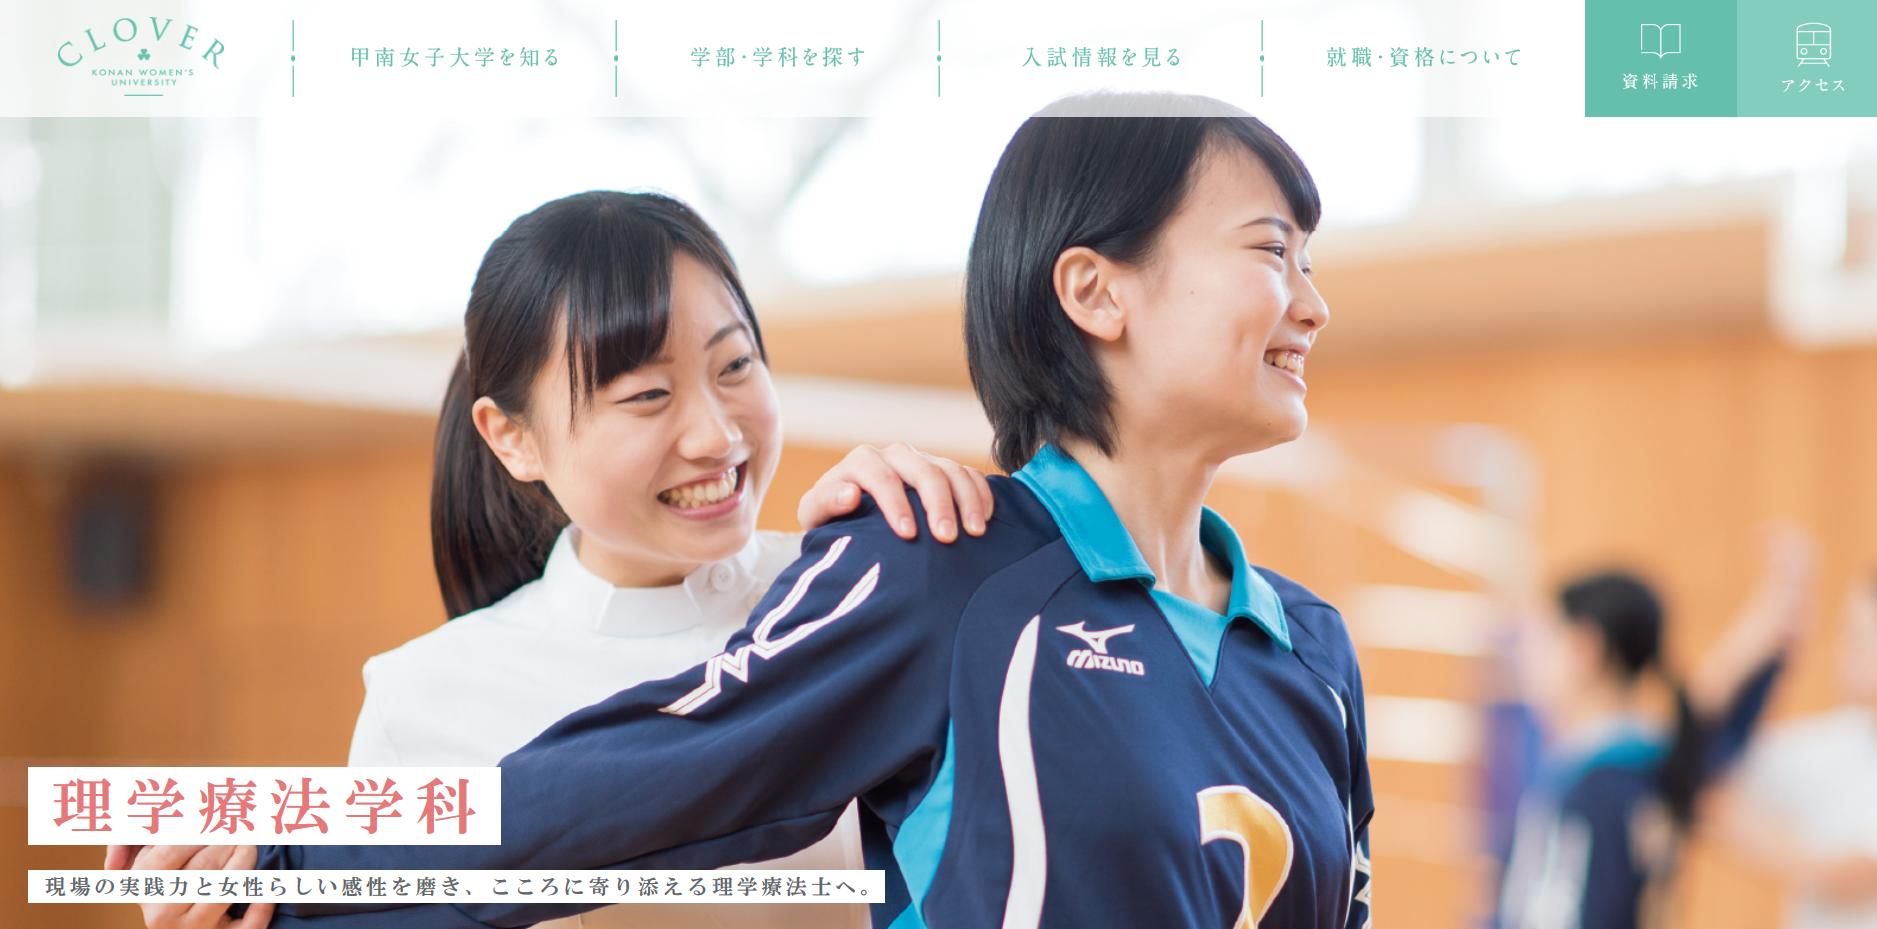 甲南女子大学の評判・口コミ【看護リハビリテーション学部編】